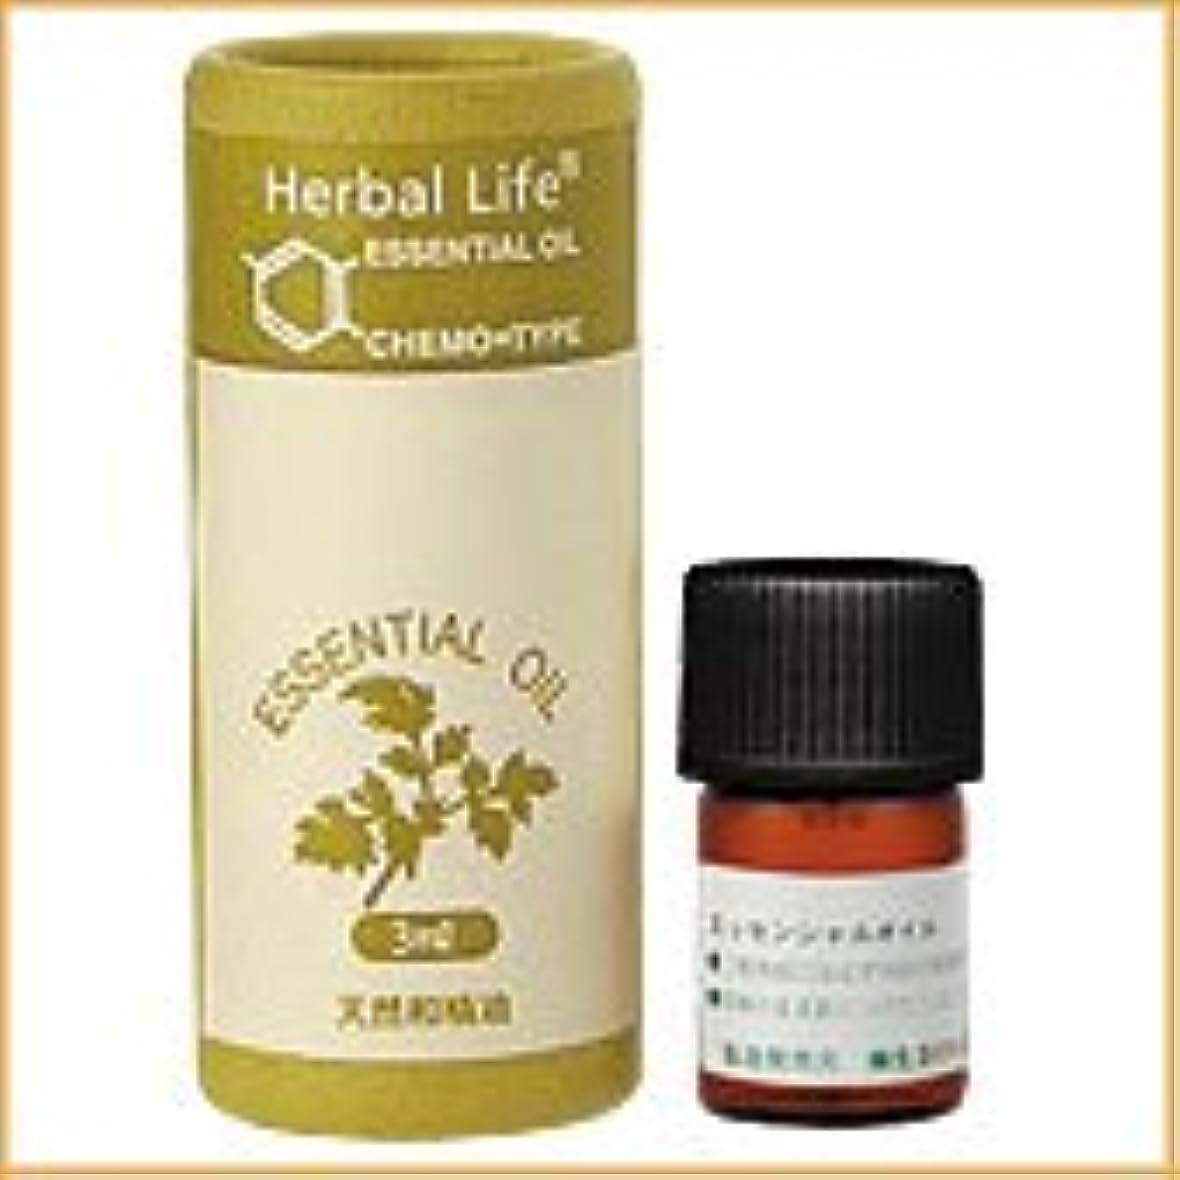 アレルギー性コンパニオン再生可能生活の木 アロマオイル ヒノキ 3ml (Tree of Life Essential Oil/エッセンシャルオイル)